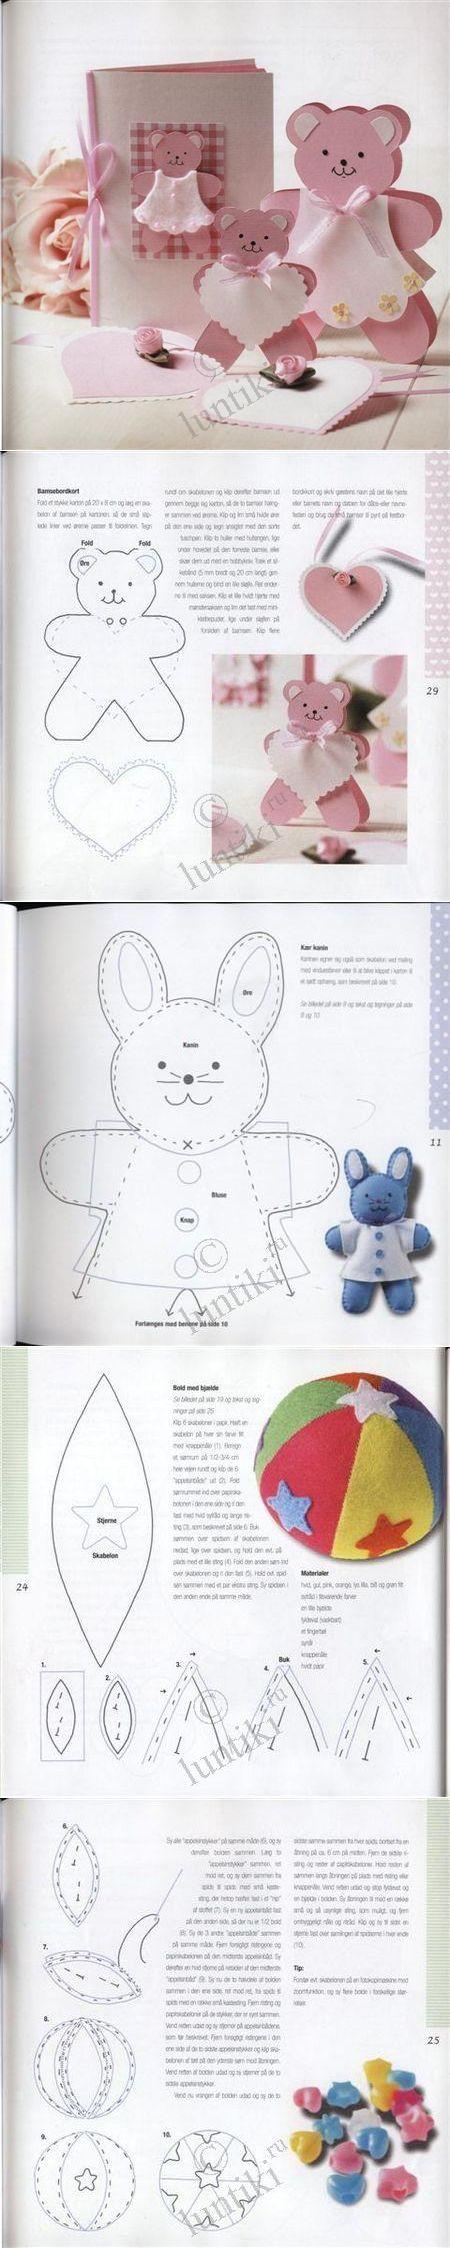 Подарки для новорожденного - шьём и делаем своими руками, мастеркласс в картинках / Мастер-классы - интересно для взрослых и детей / Лунтики. Развиваем детей. Творчество и игрушки